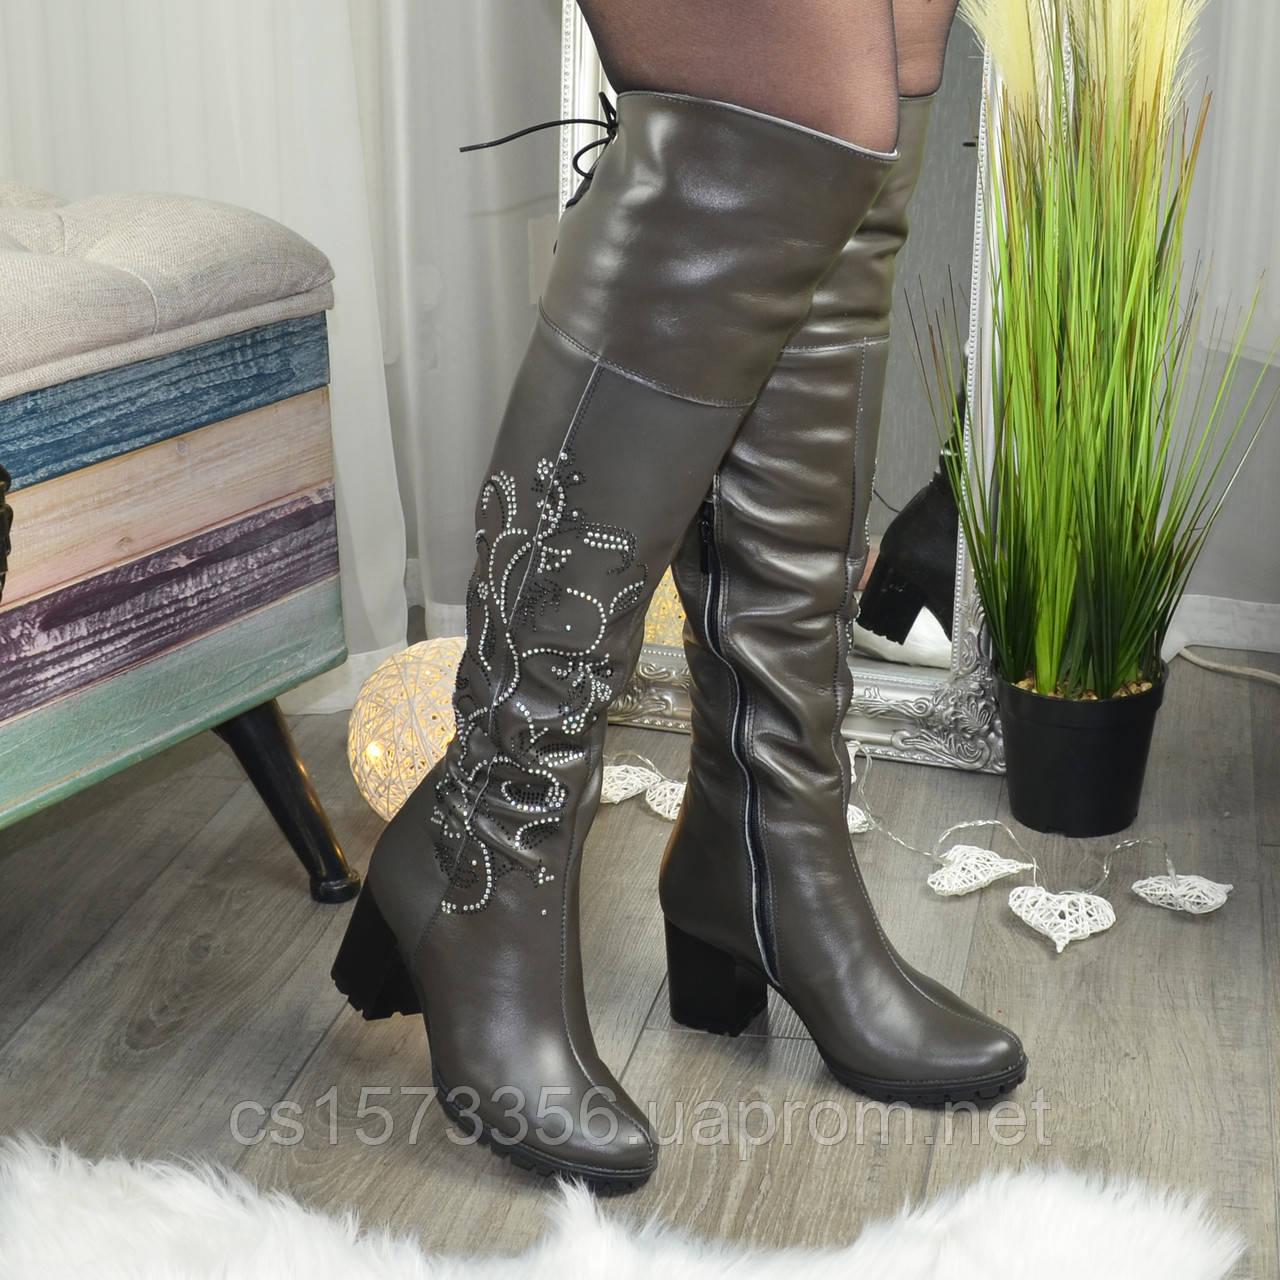 Ботфорты на каблуке серые со старазами. Зимние на меху.